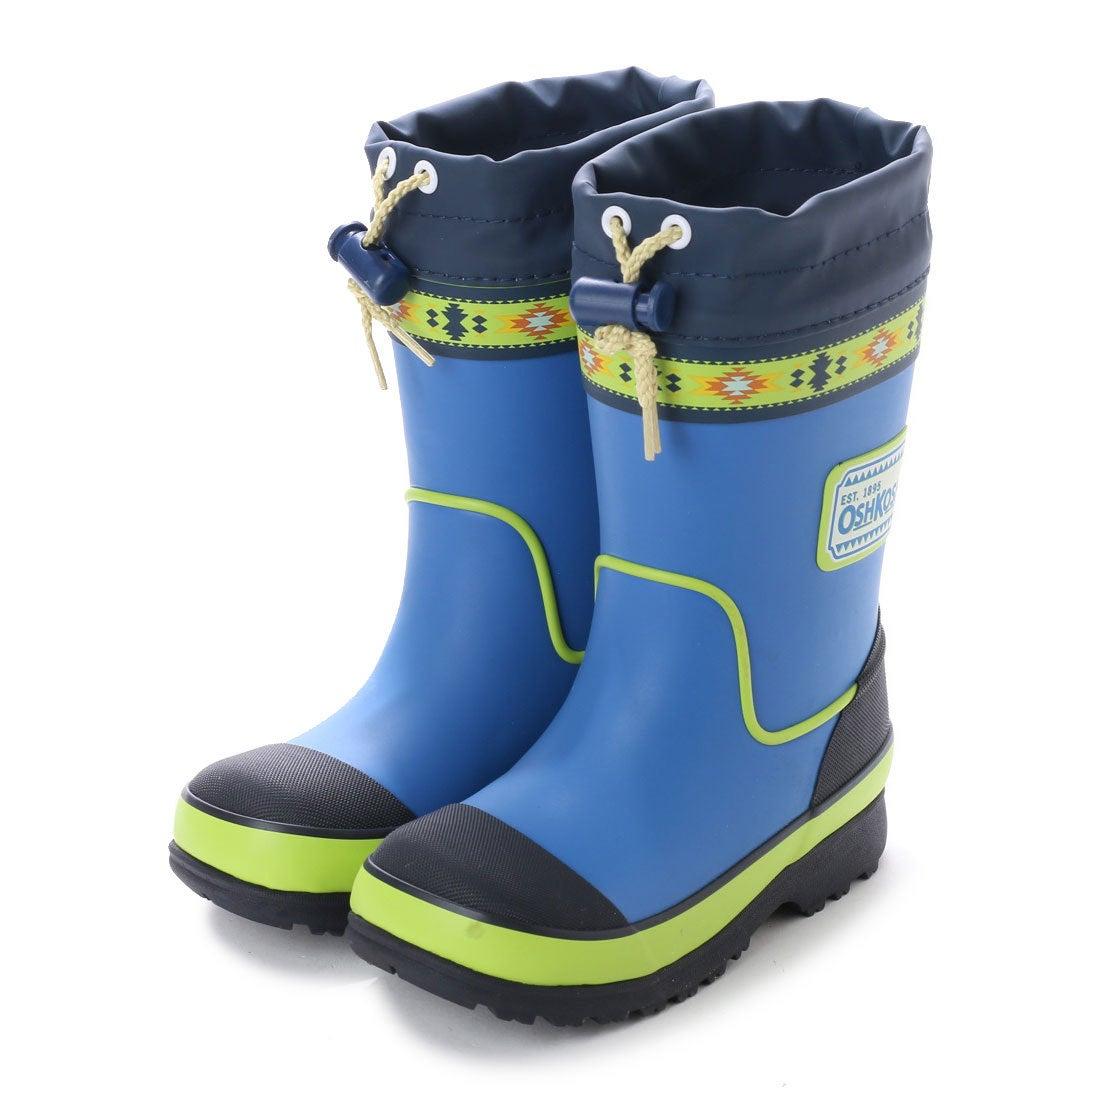 ロコンド 靴とファッションの通販サイトムーンスターMoonStarジュニアウィンターシューズOSKWC156Rブルー131603158294